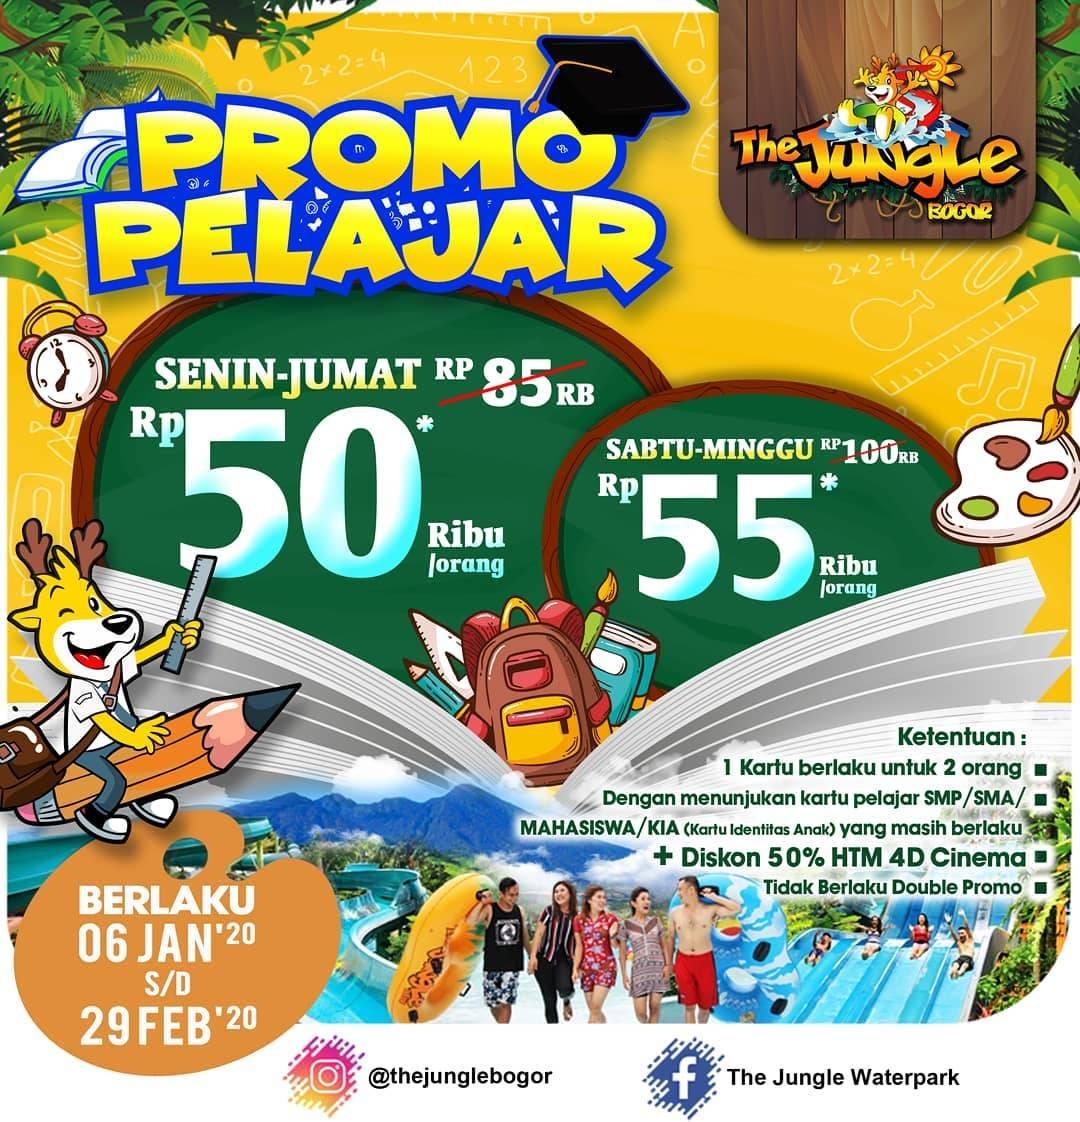 The Jungle Promo Pelajar Dan Mahasiswa, Harga Mulai Dari Rp. 50.000 Per Orang